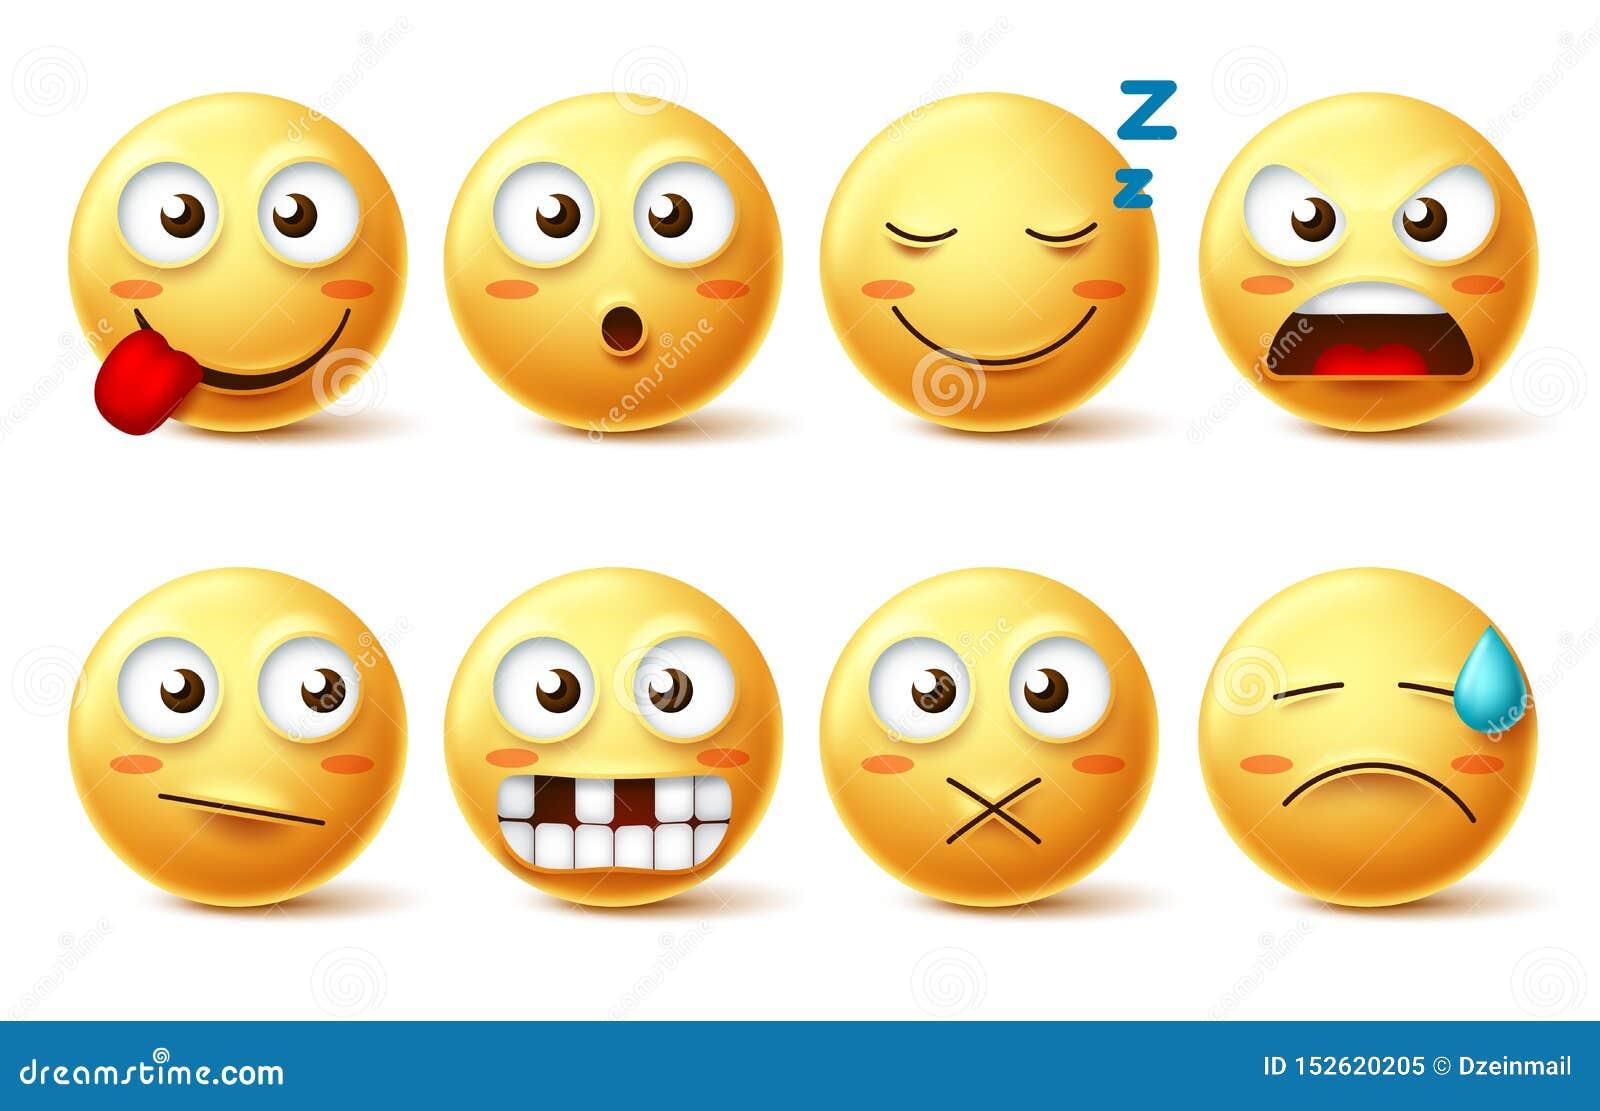 Smileysvector met grappige gelaatsuitdrukkingen wordt geplaatst die Lachebekje leuke emoticons met slaperig, tandenloos, boos en